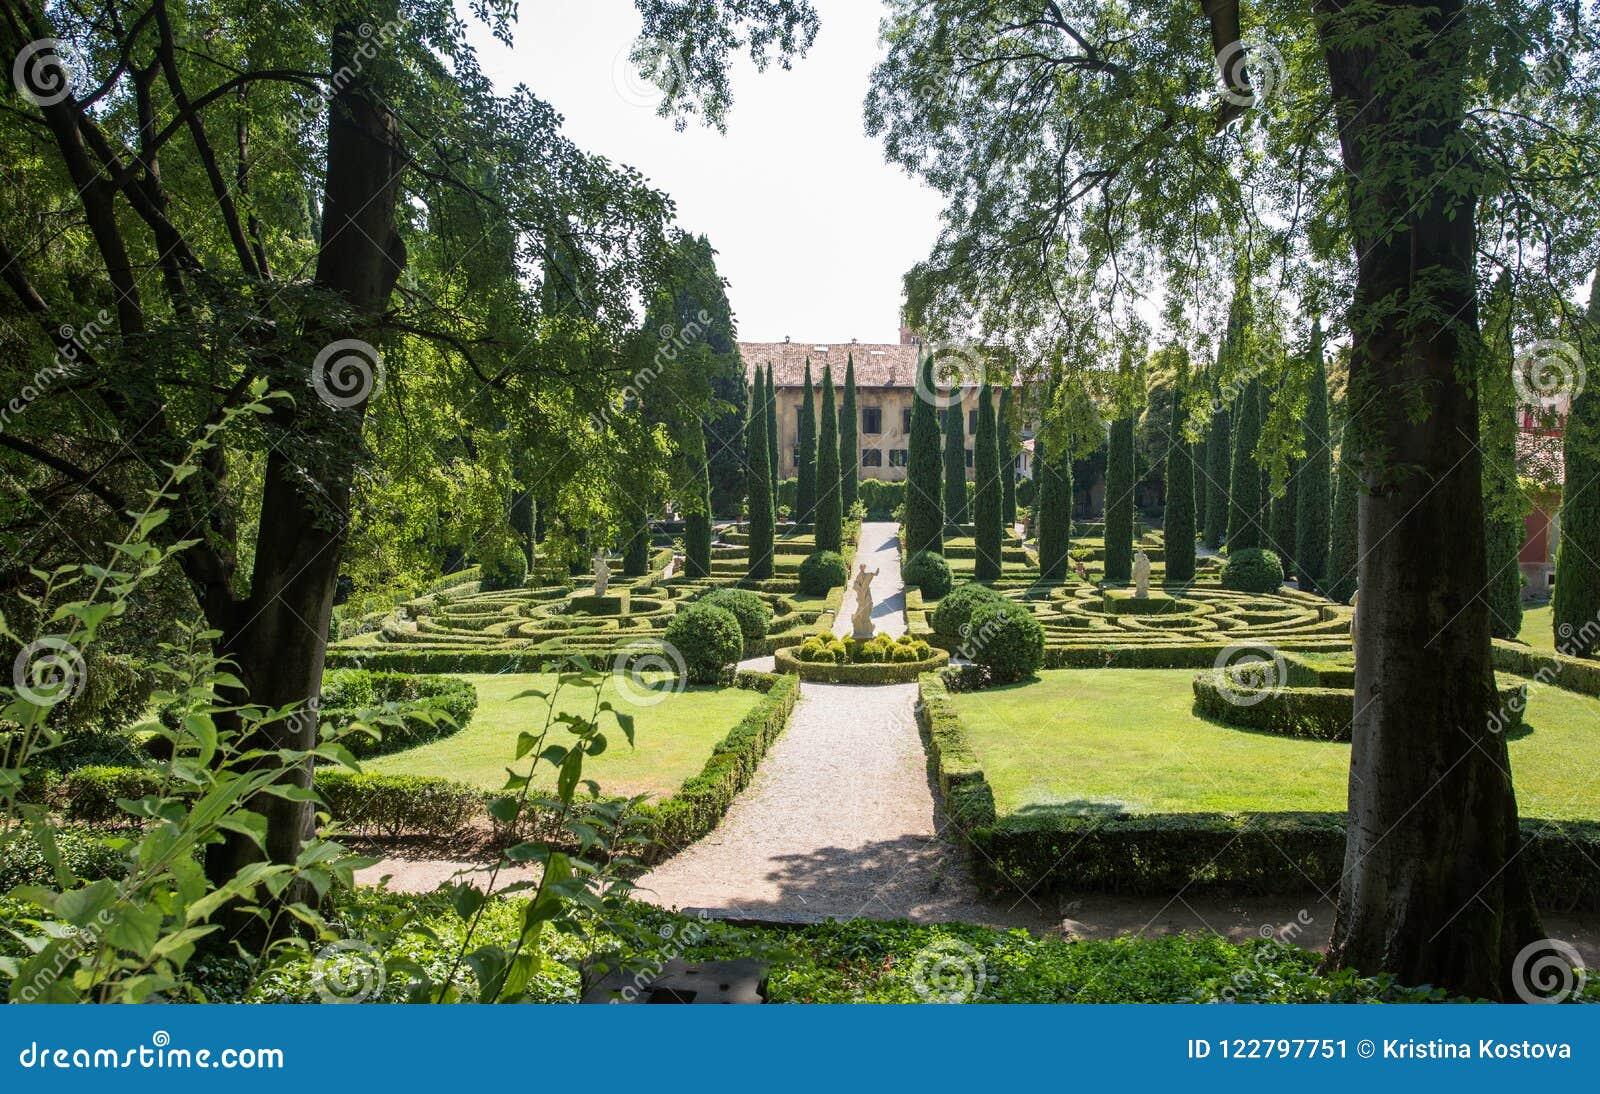 Giardini giusti ecosia